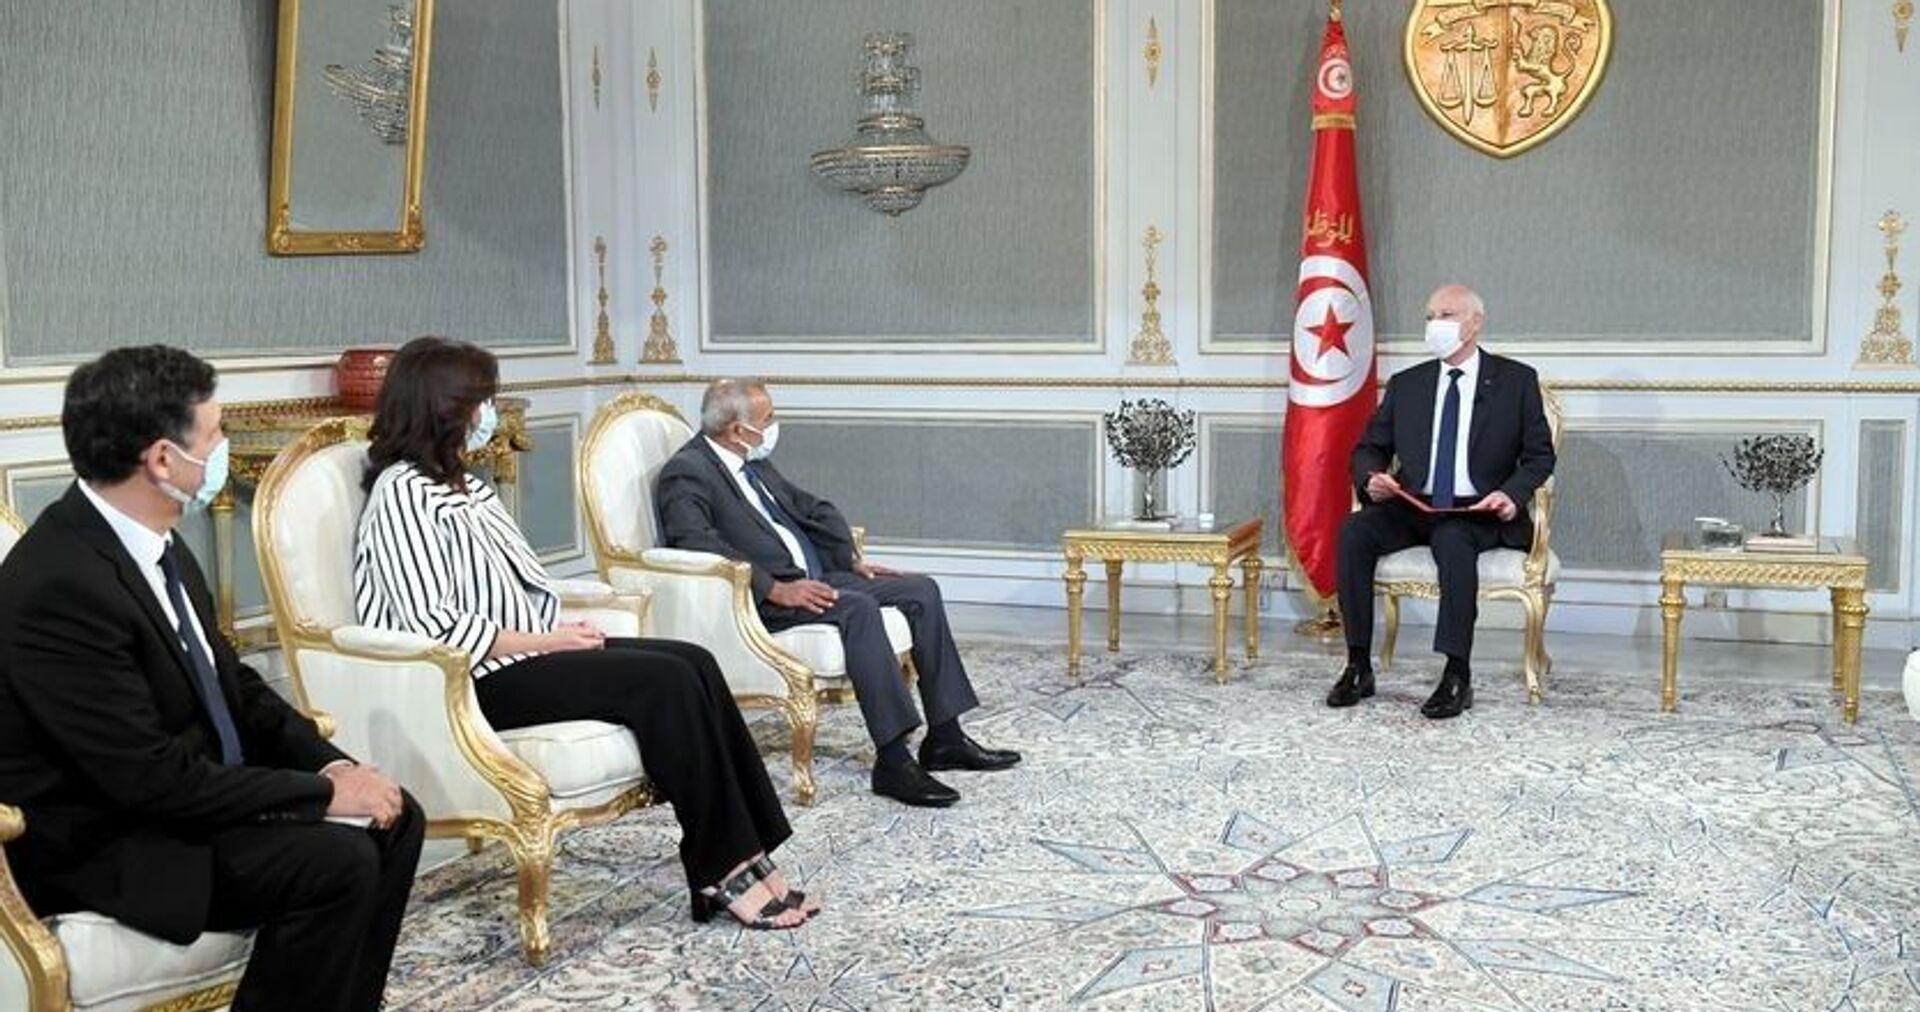 Tunus Cumhurbaşkanı Kays Said, haklar yasa çerçevesinde korunduğu için ülkede adaletsizliğe, gasp veya fonlara el konulmasına yer olmadığını söyledi. - Sputnik Türkiye, 1920, 01.08.2021